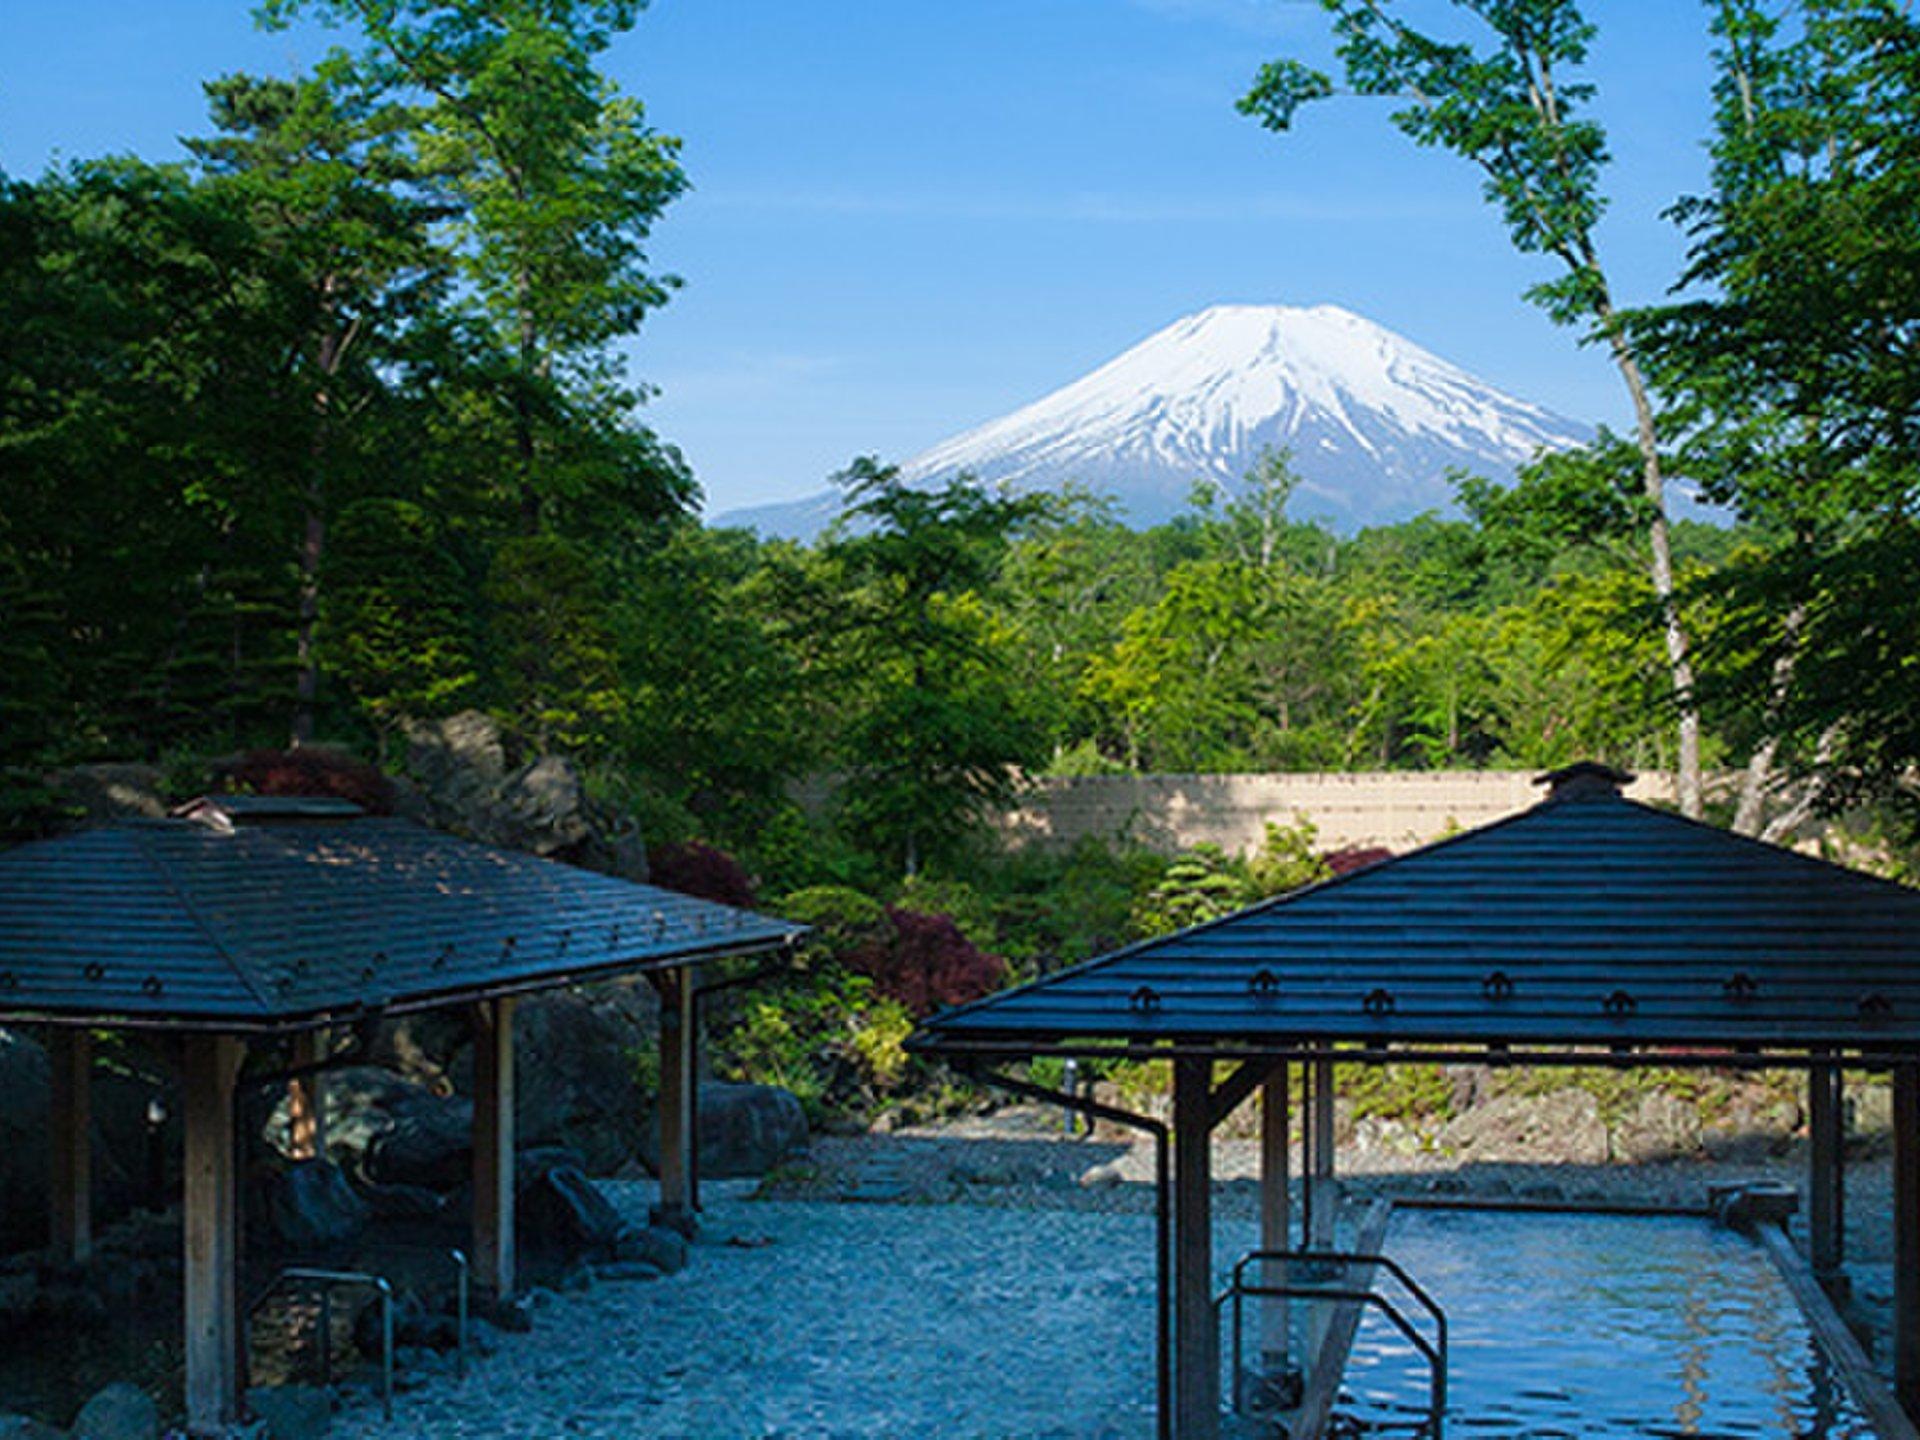 富士山の見える山中湖へドライブ!日帰り温泉とご当地グルメ『ほうとう』を楽しむ!